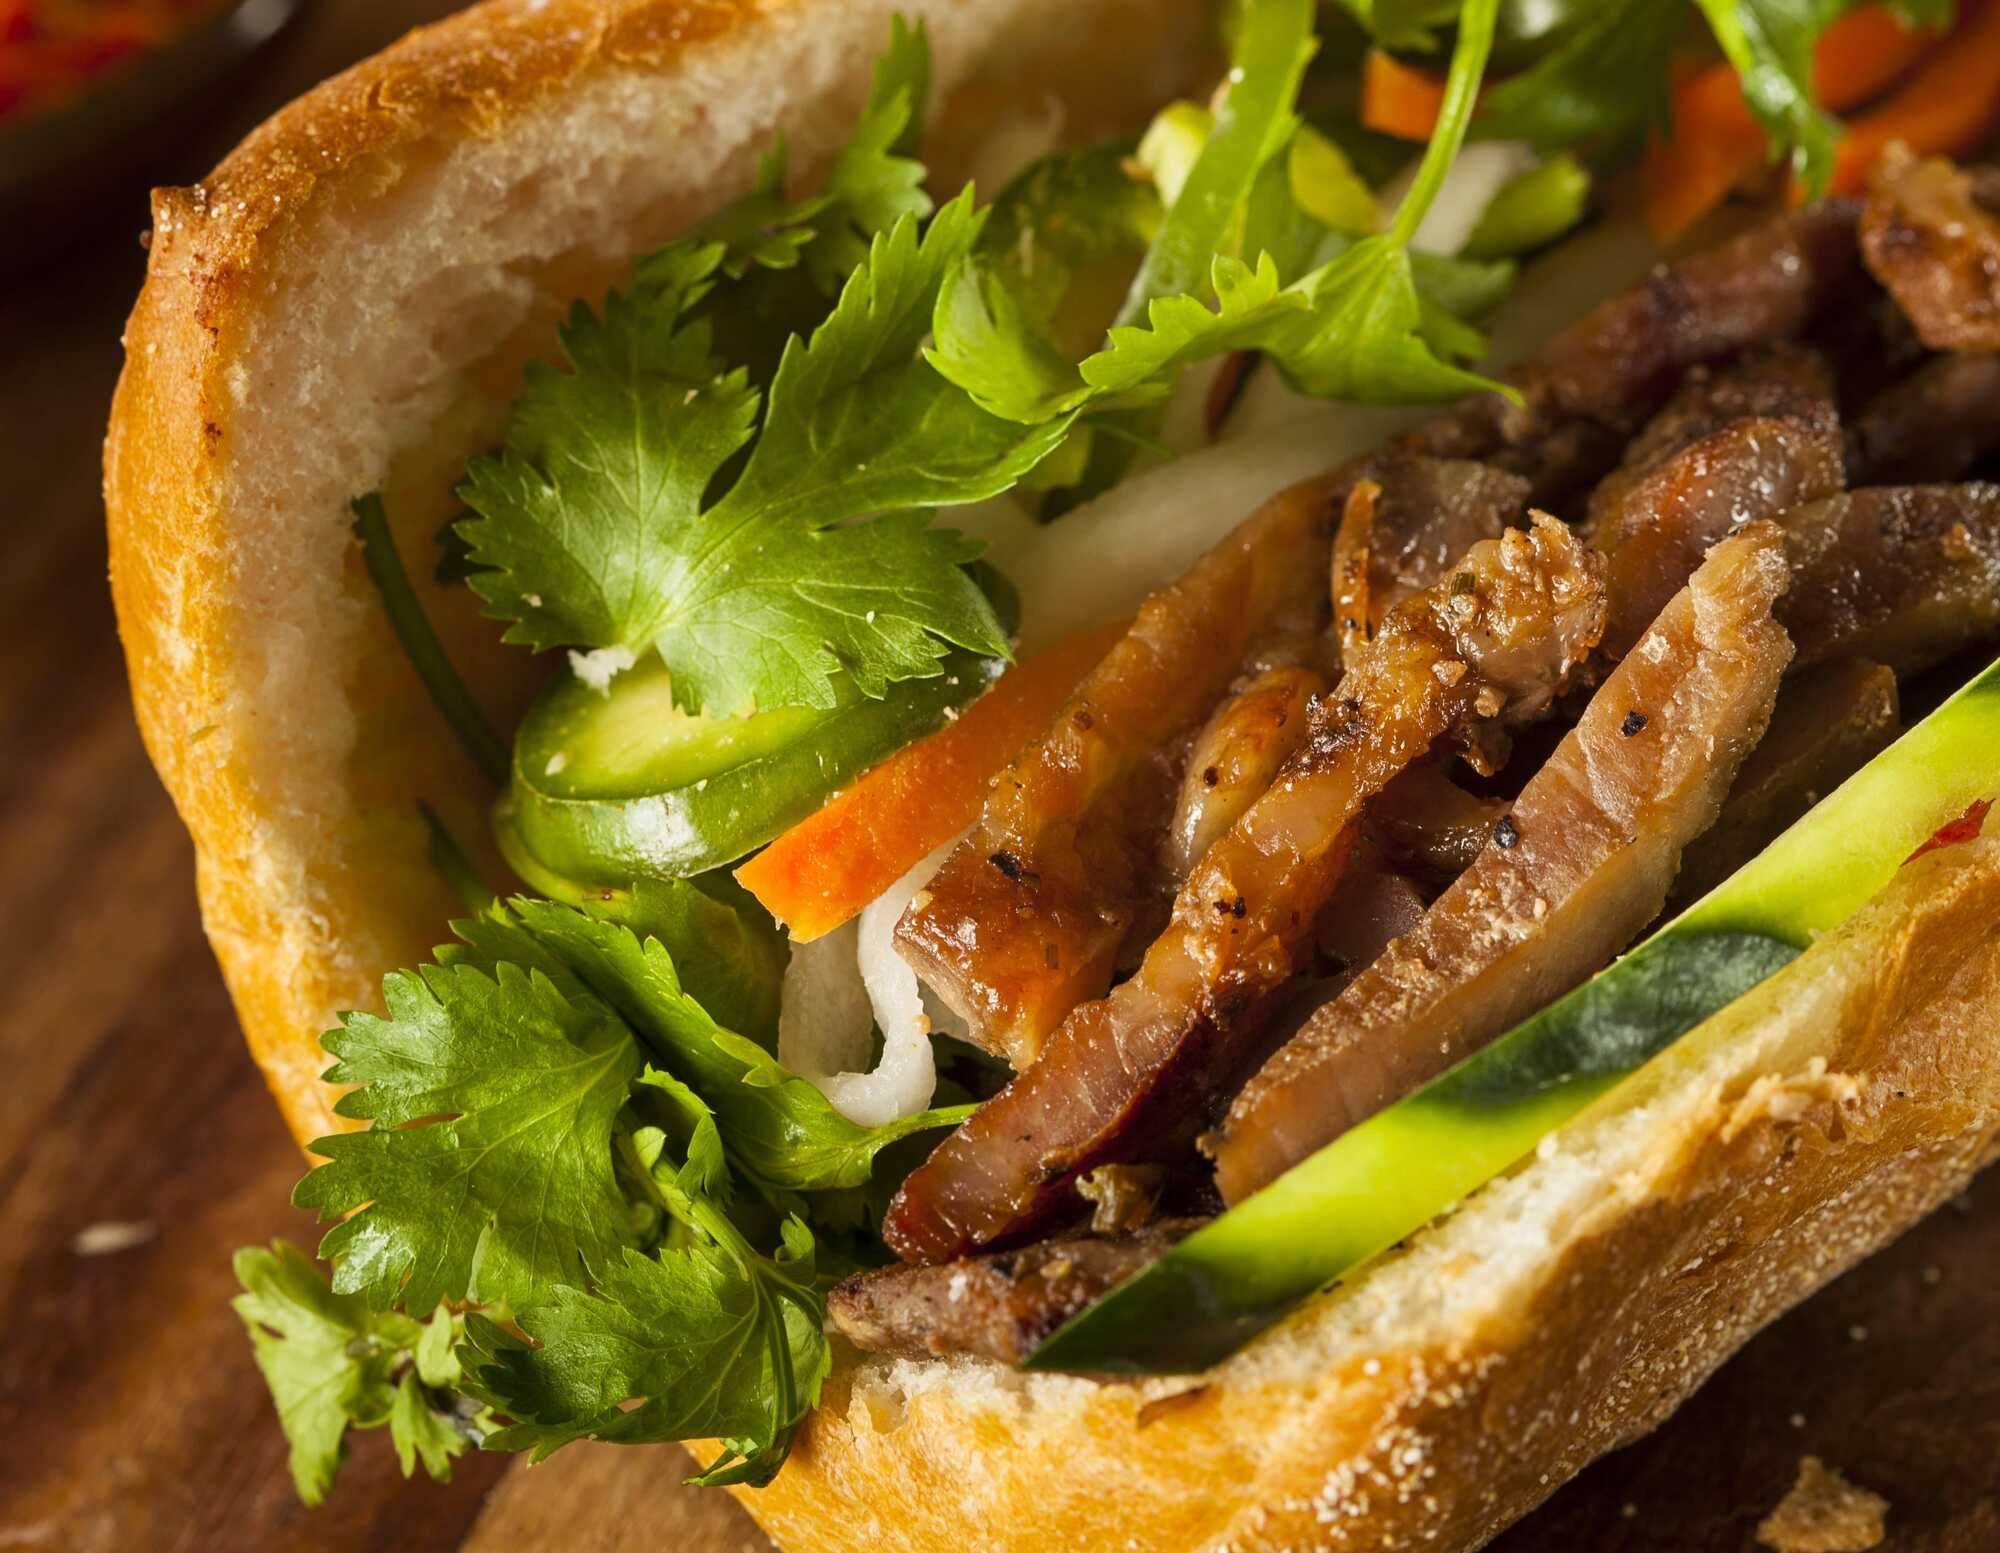 Dans une demi baguette ouverte se trouve le poulet bien grillé coupé en fines tranches avec les carottes émincées et enfin de la coriandre pour finir.